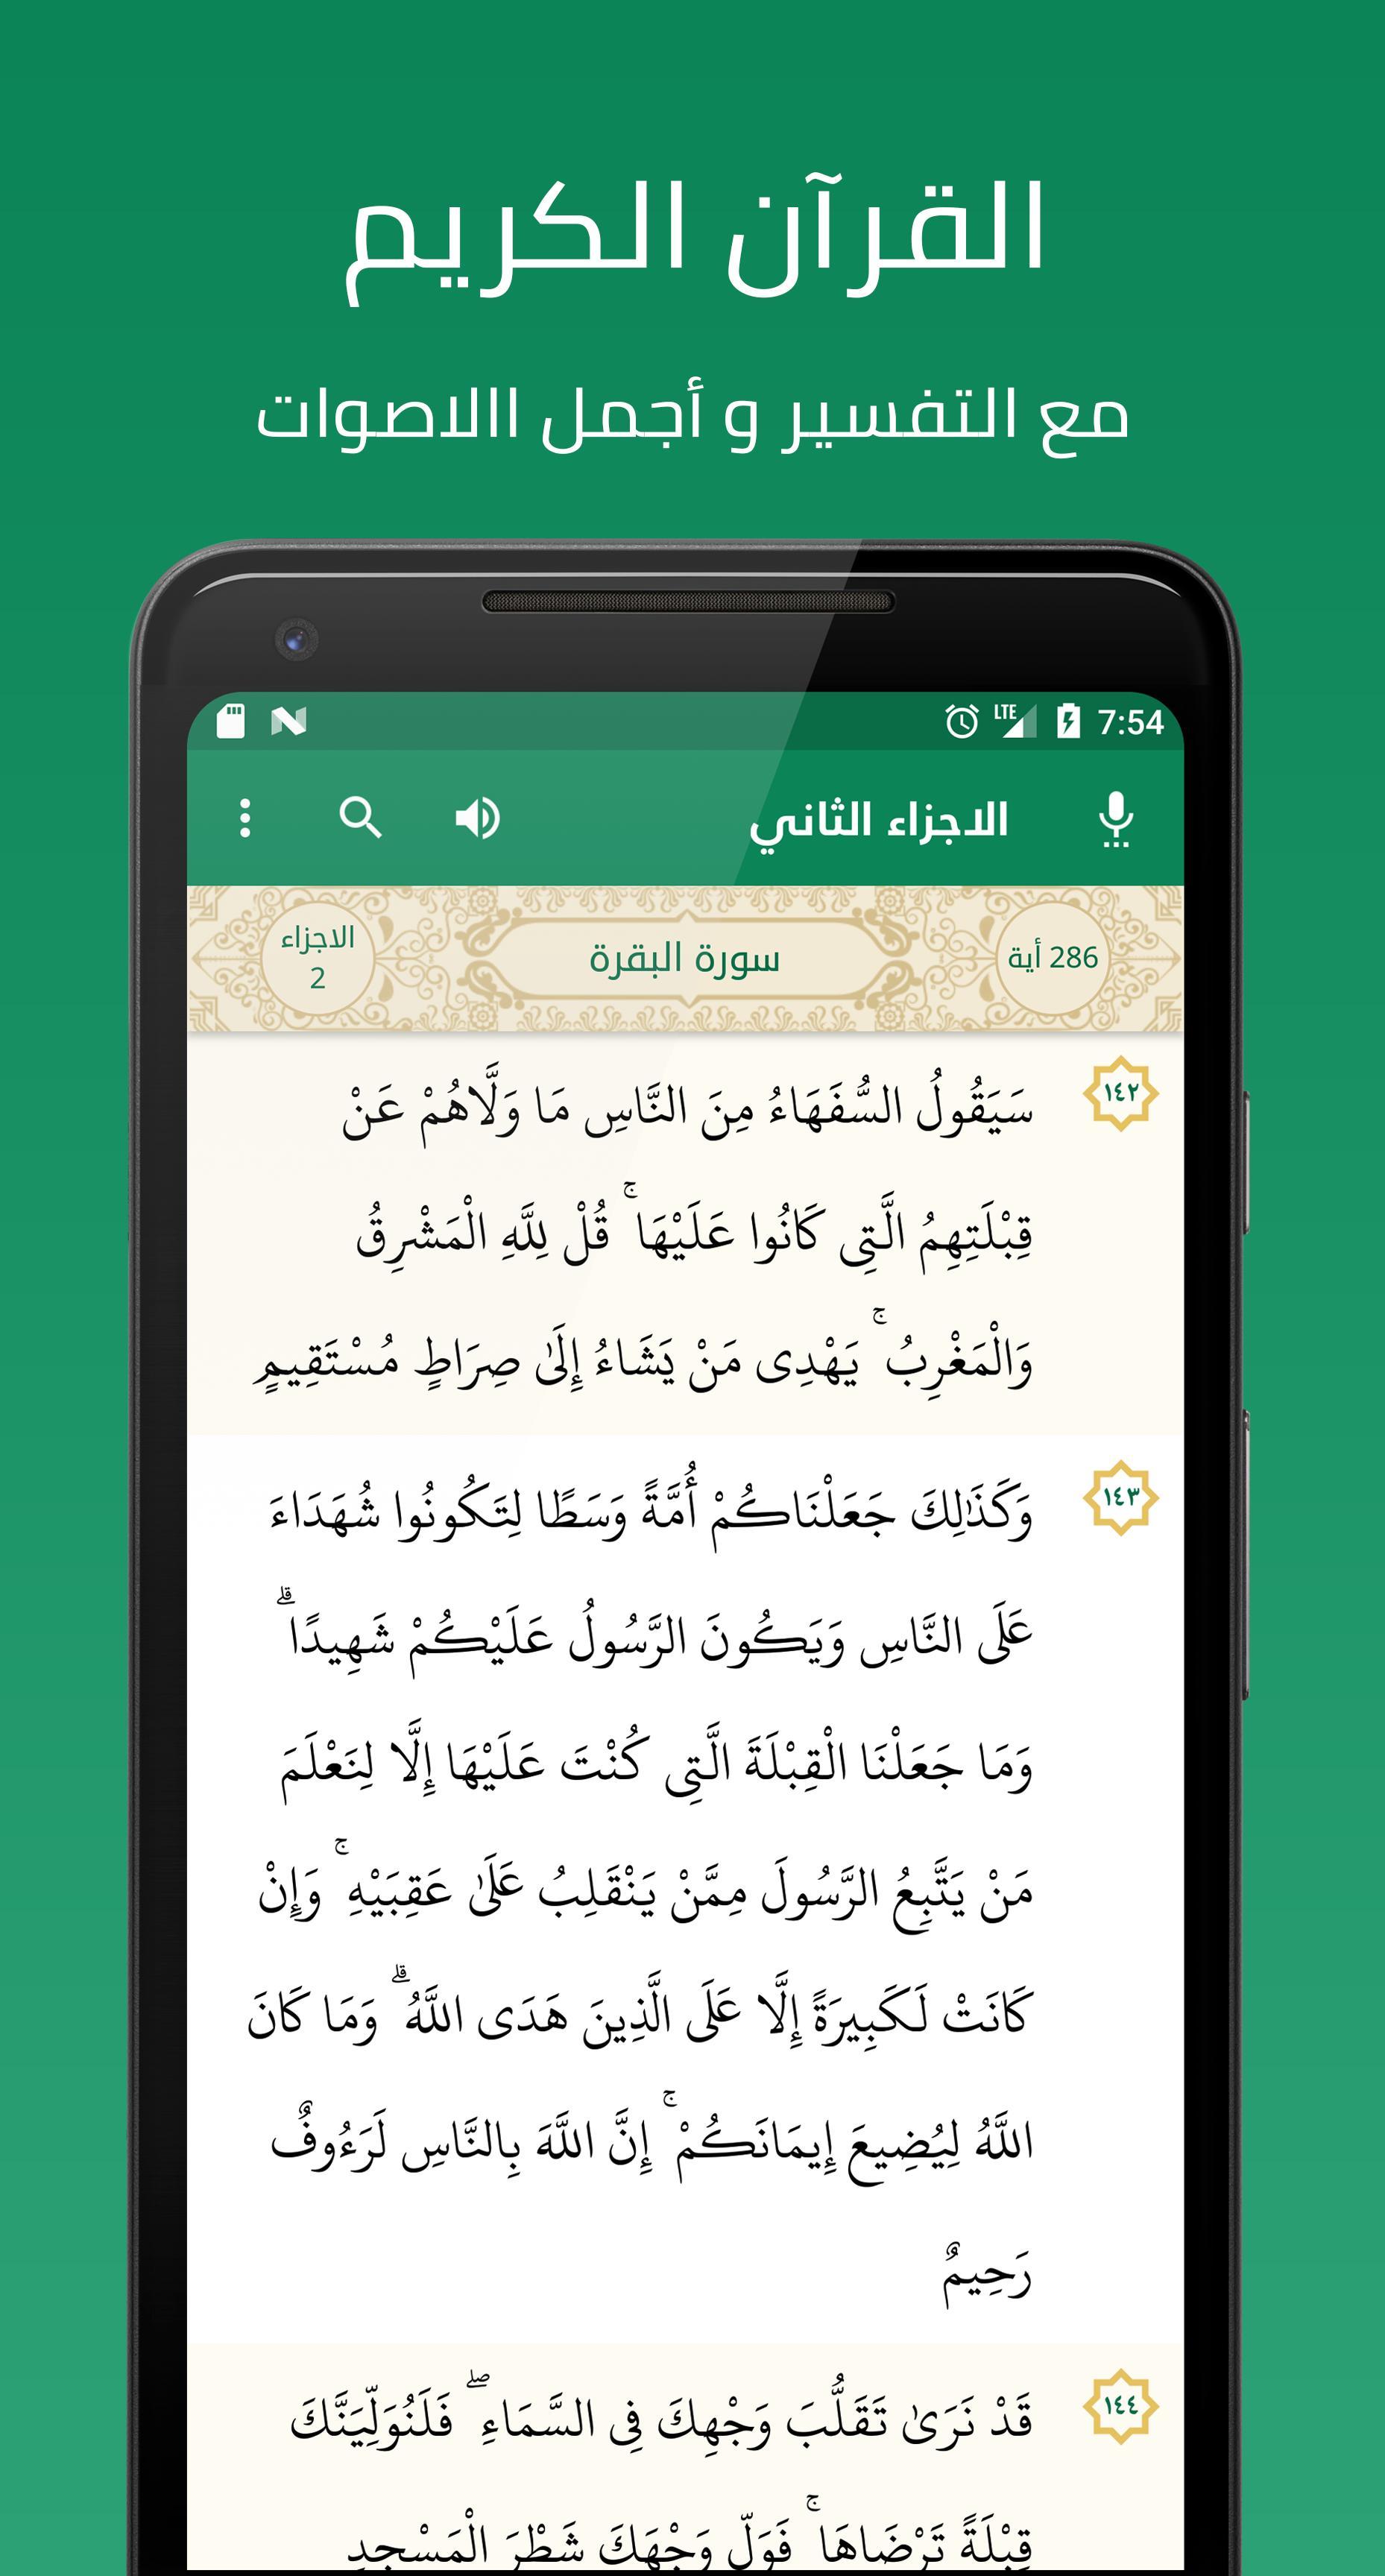 حقيبة المؤمن - اوقات الصلاة , القران الكريم for Android - APK Download